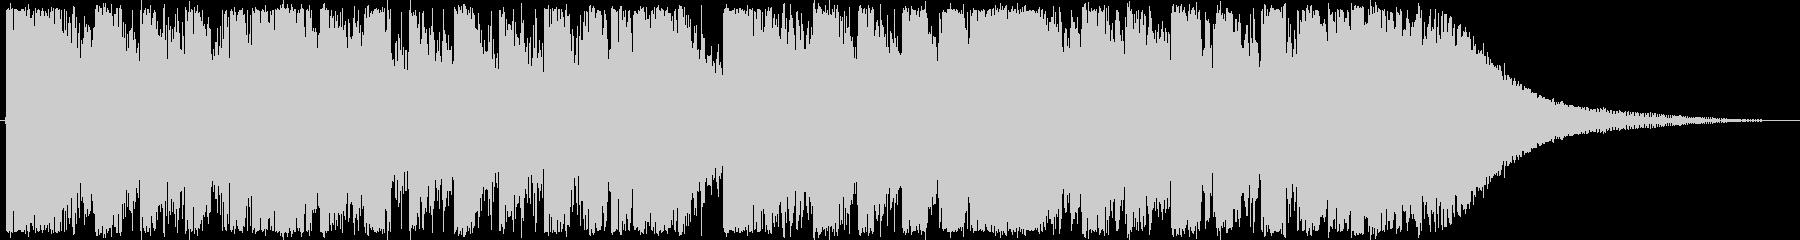 琉球音階を使ったダブステップジングルですの未再生の波形